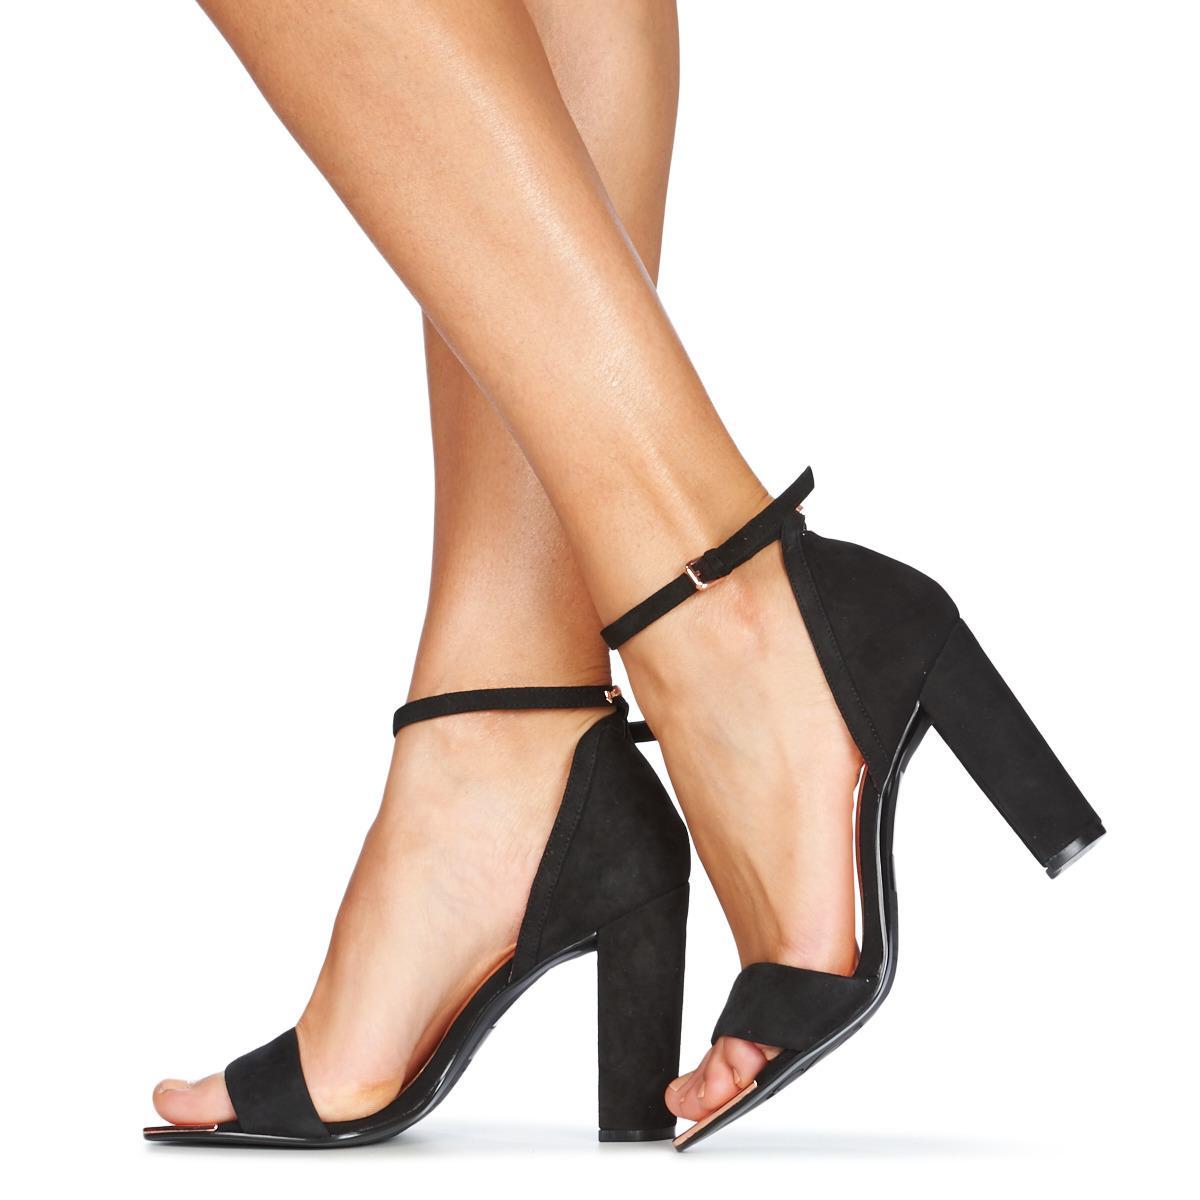 10f82009b Ted Baker - Phanda Women s Court Shoes In Black - Lyst. View fullscreen